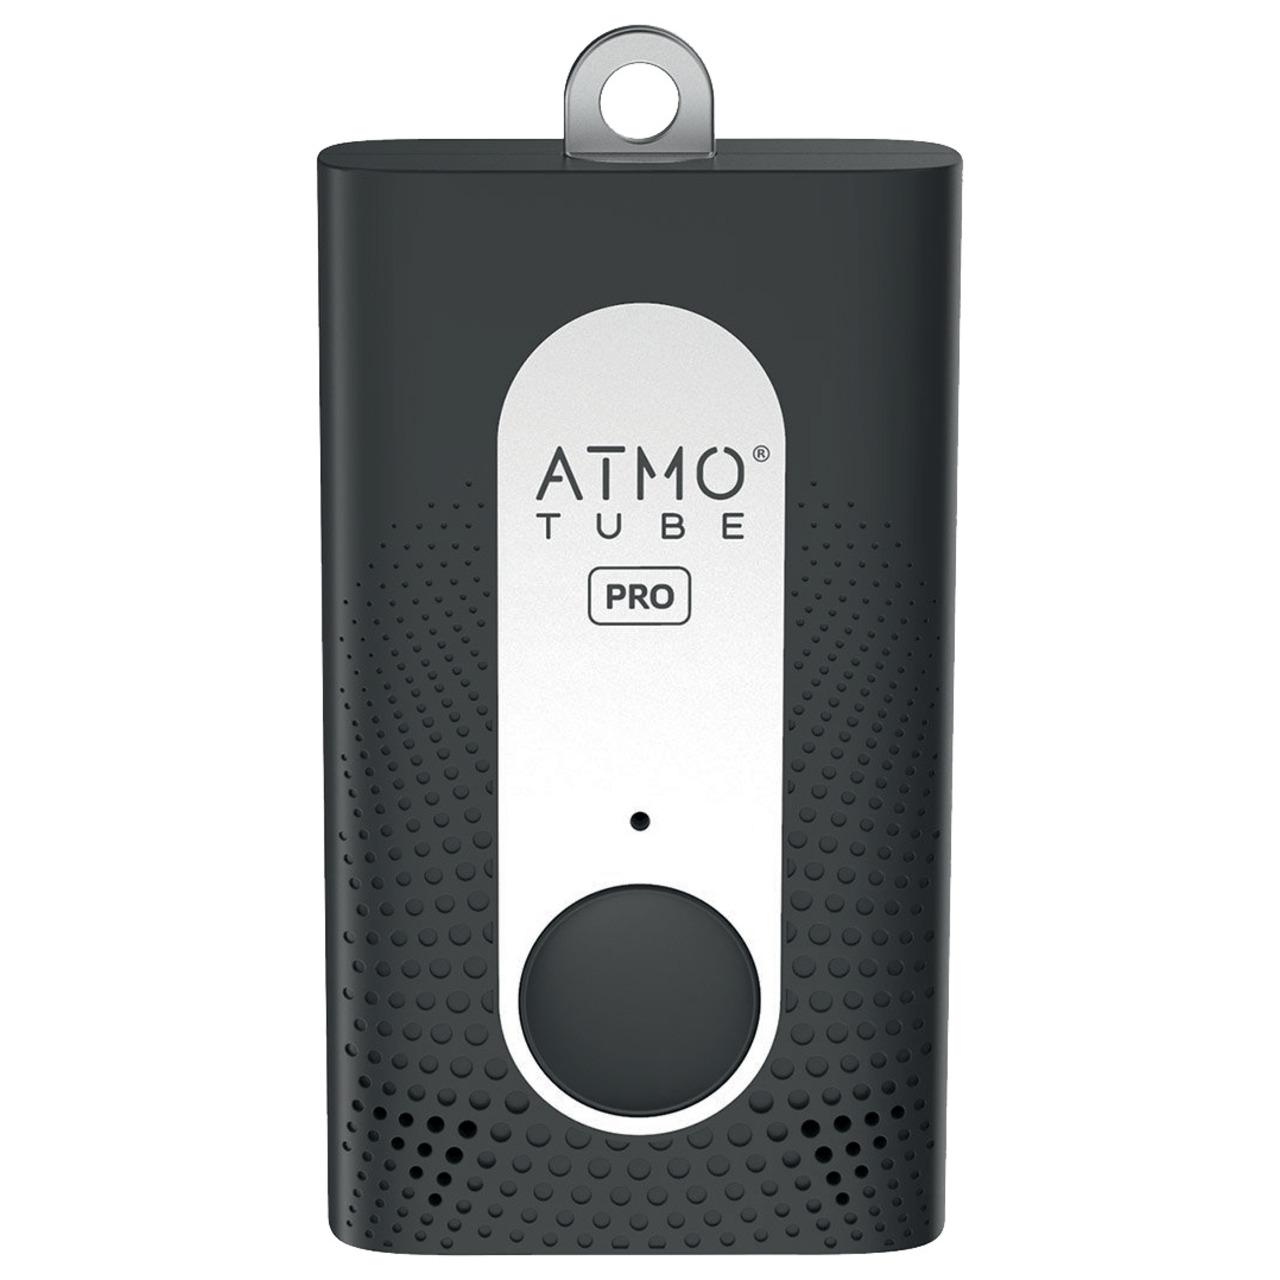 Image of Tragbarer Luftqualitätsmesser Atmotube Pro, mit App-Steuerung